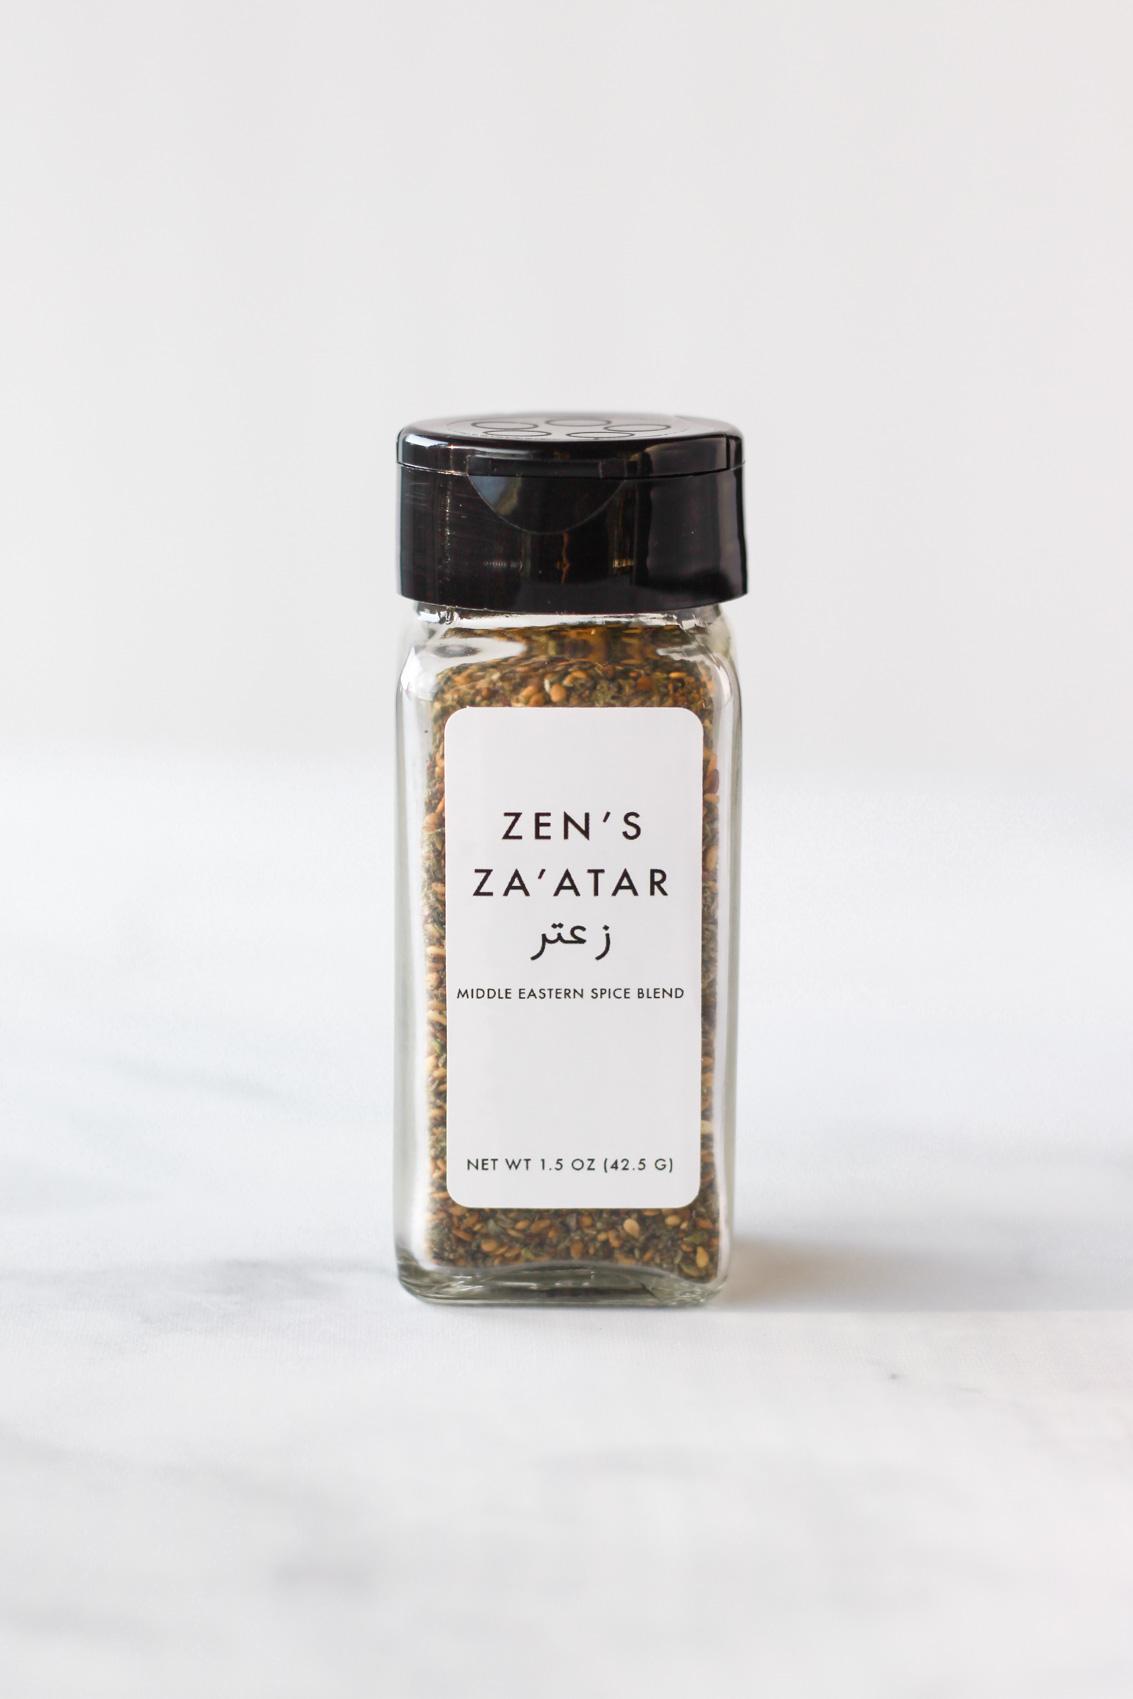 Zen's Zaatar